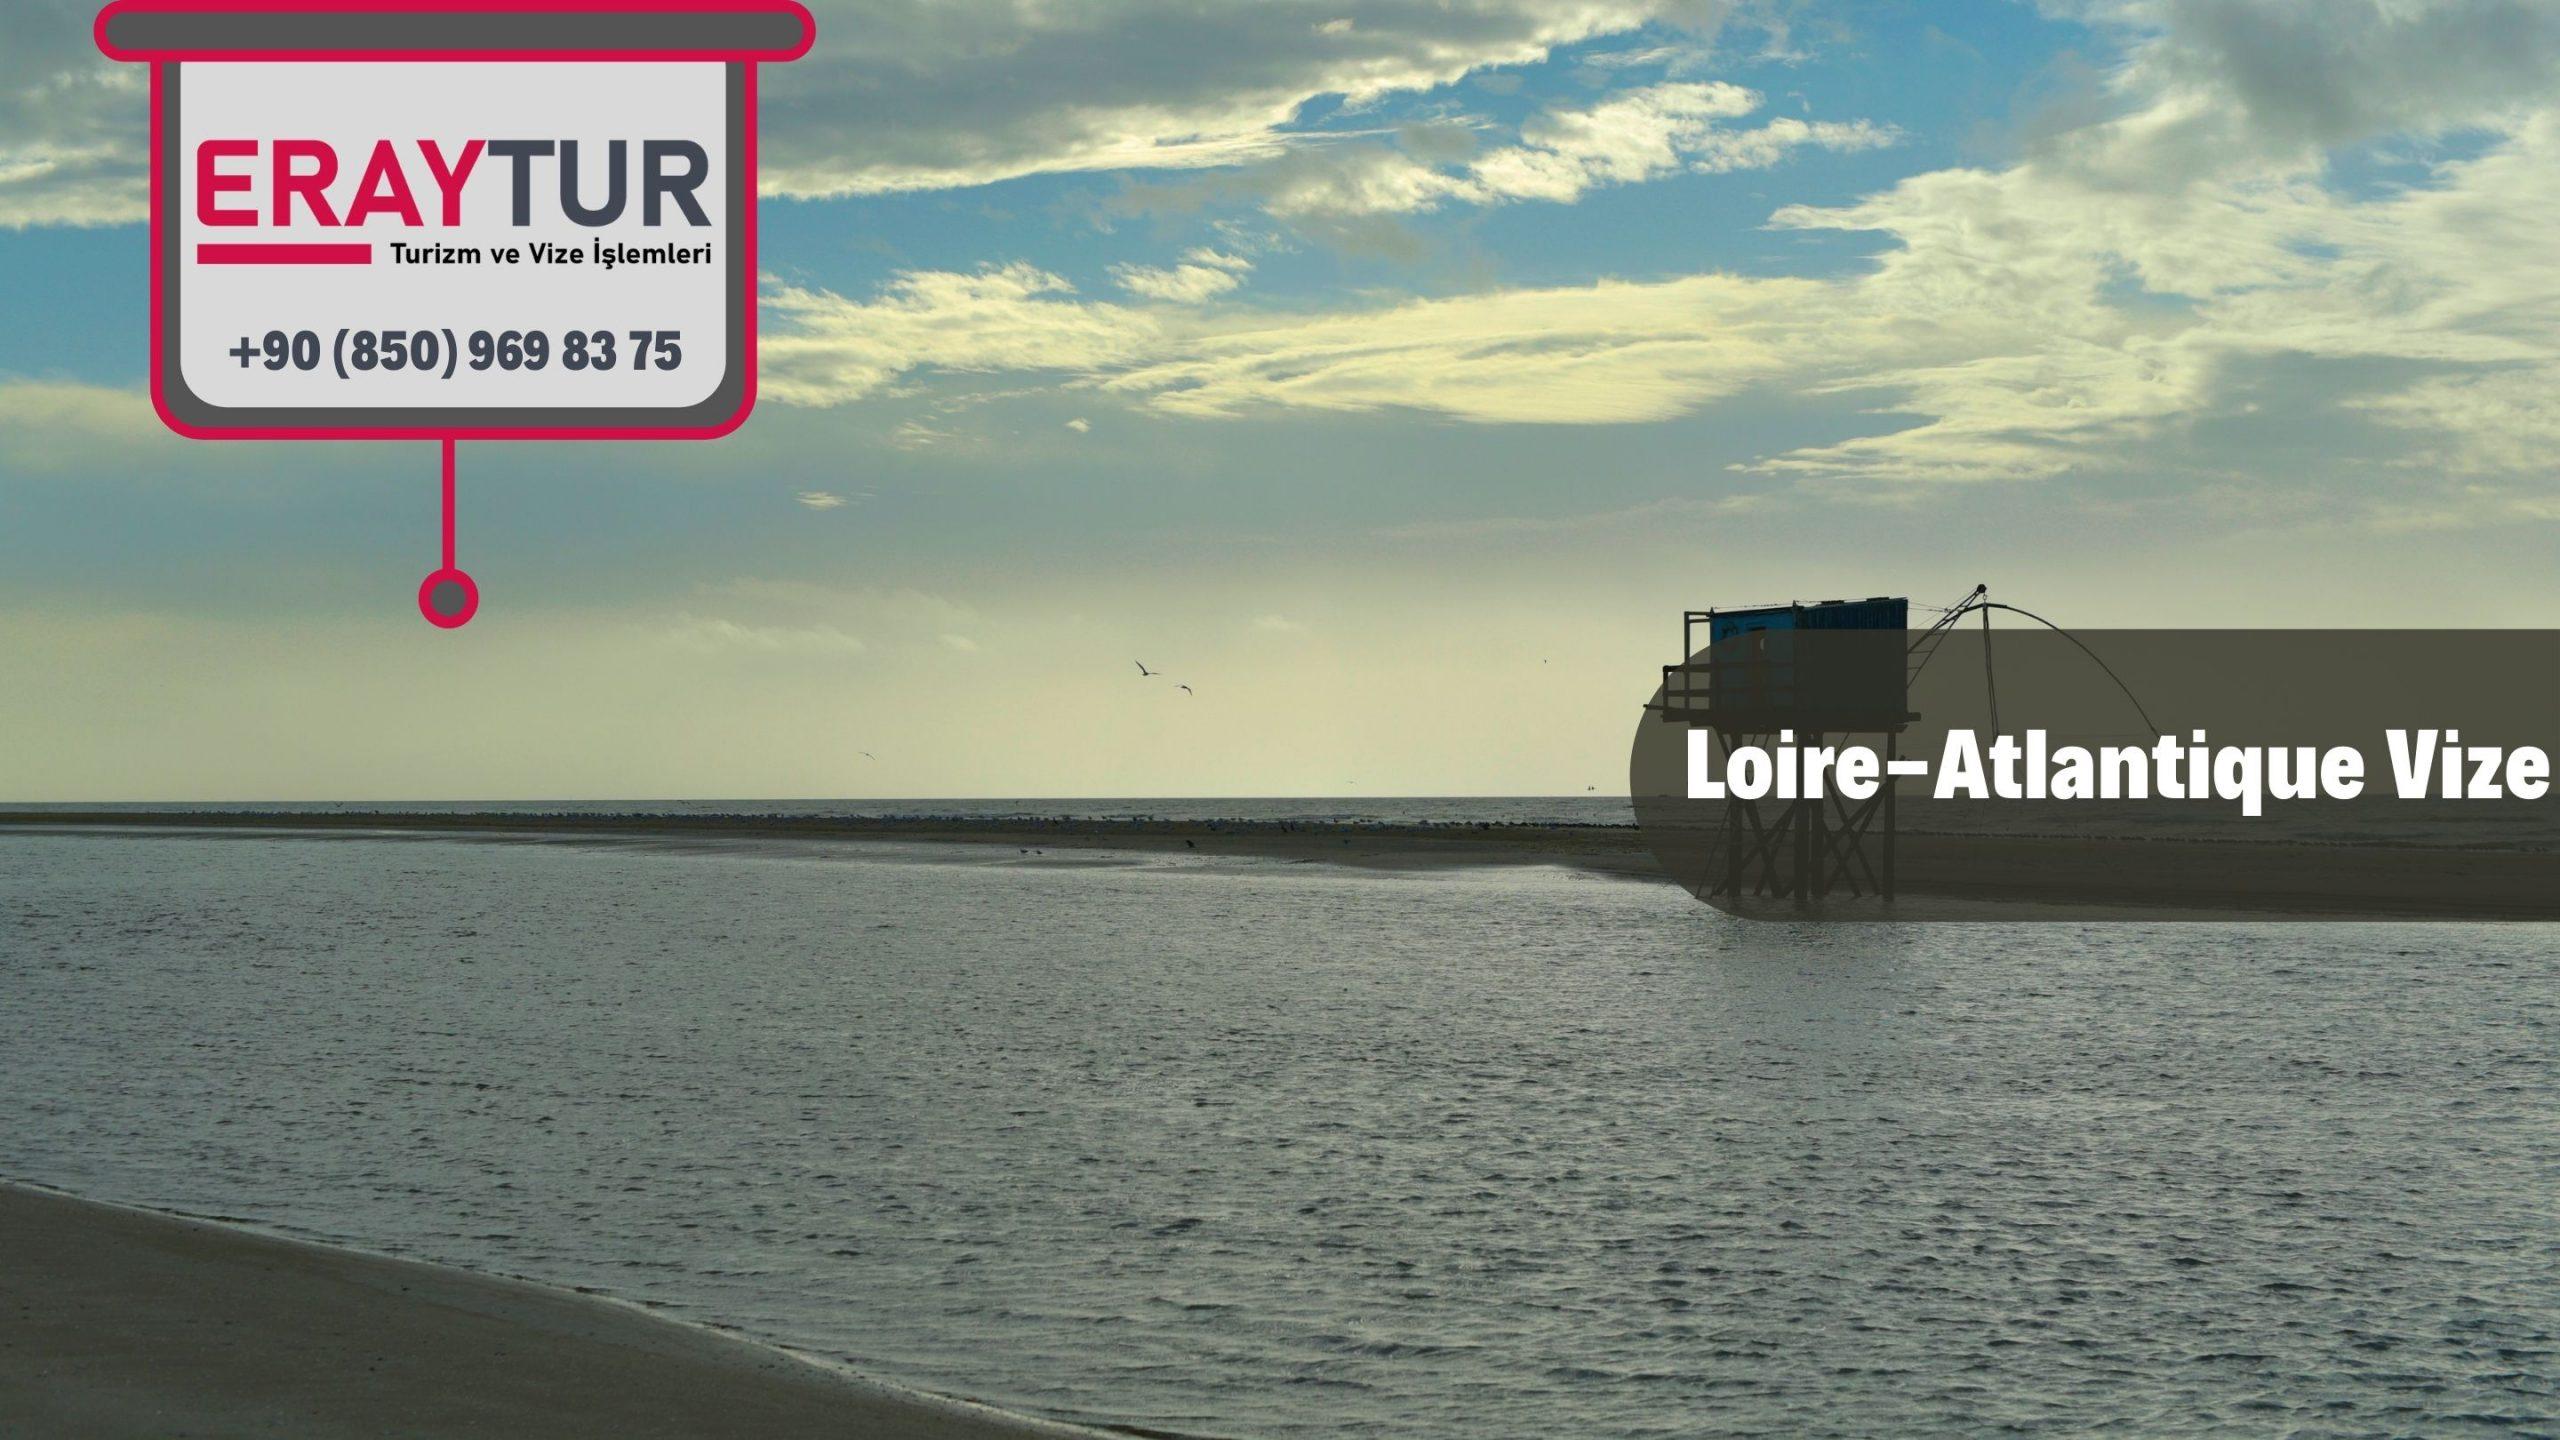 Loire-Atlantıque Vize 1 – loire atlantique vize scaled